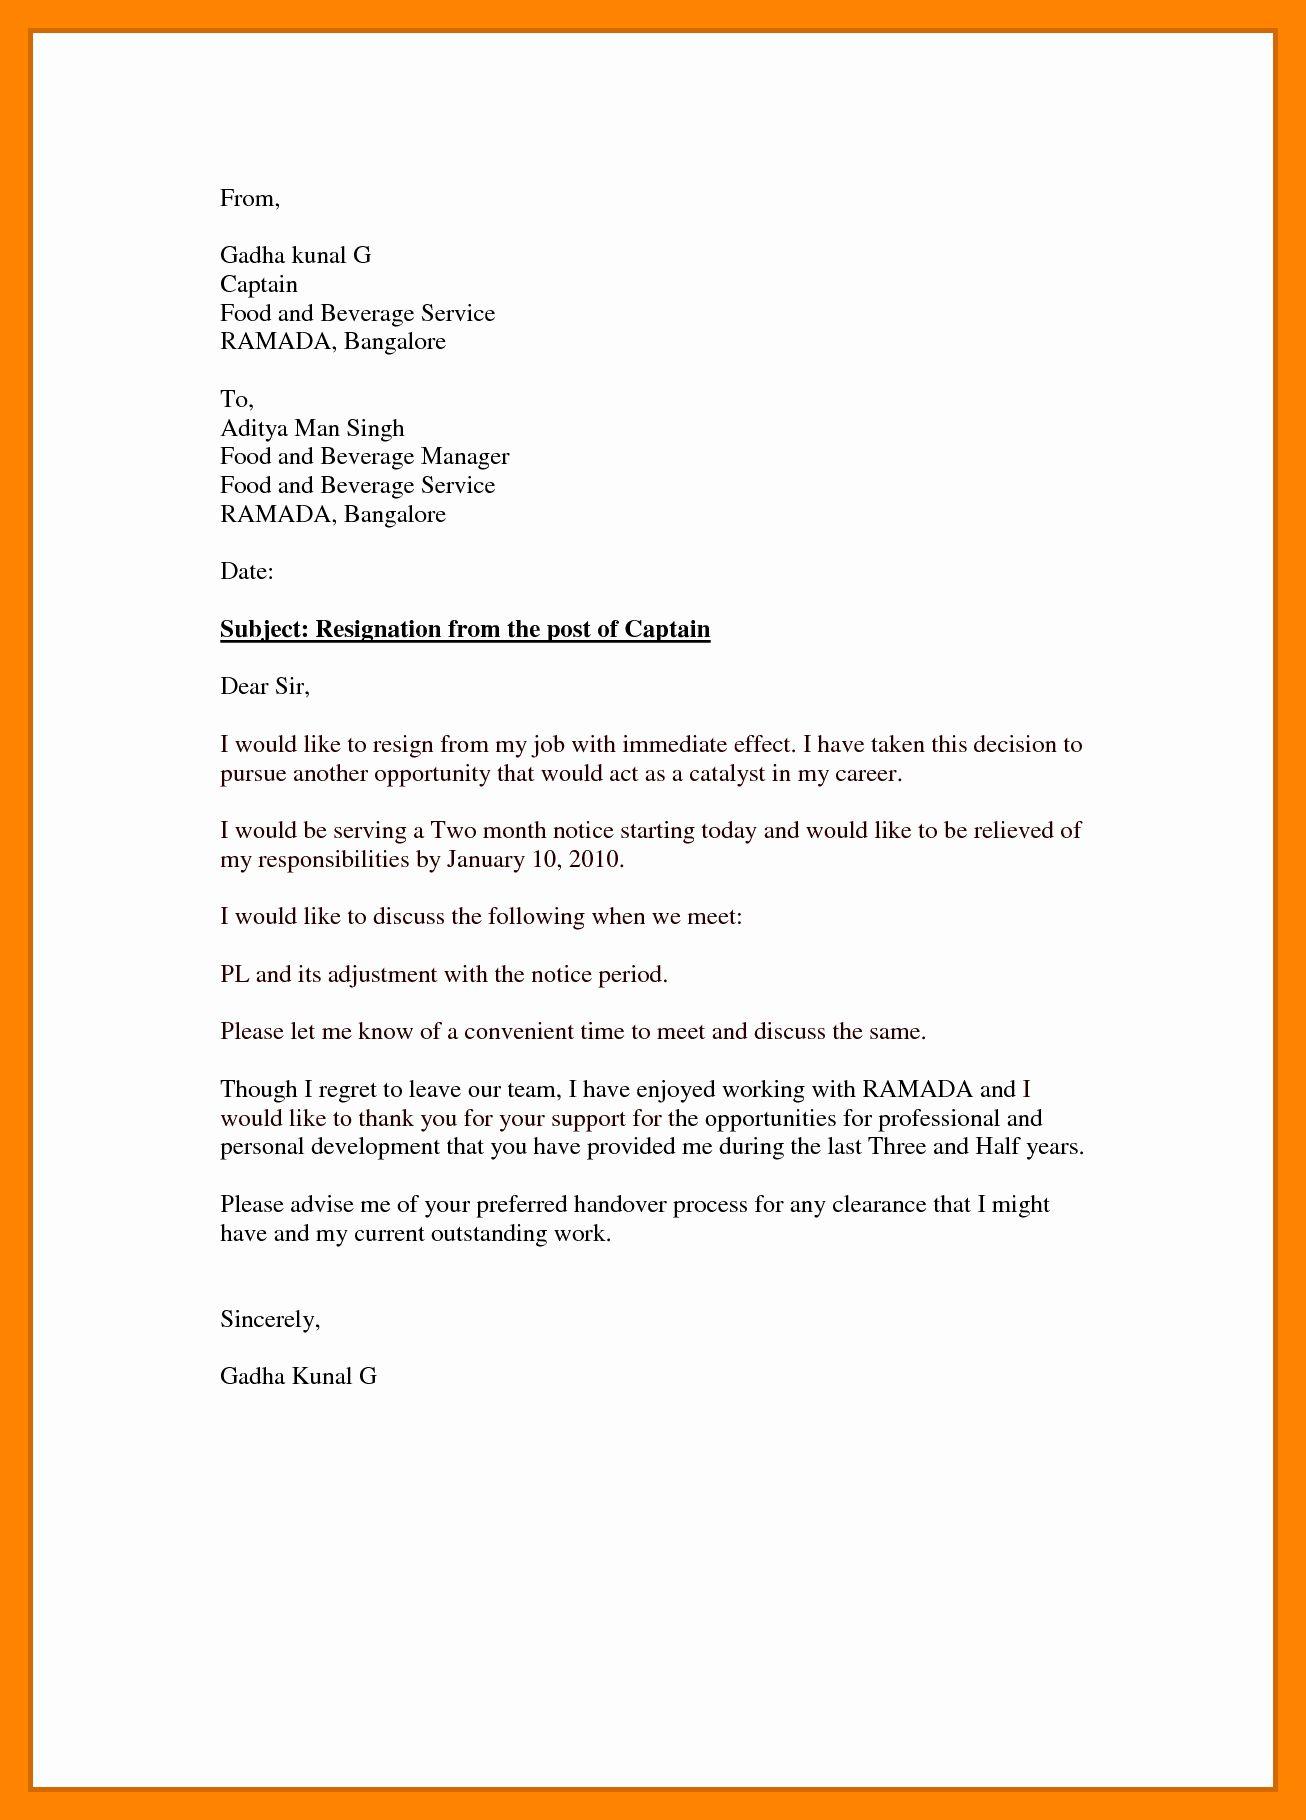 Resignation Letter Effective Immediately Fresh 5